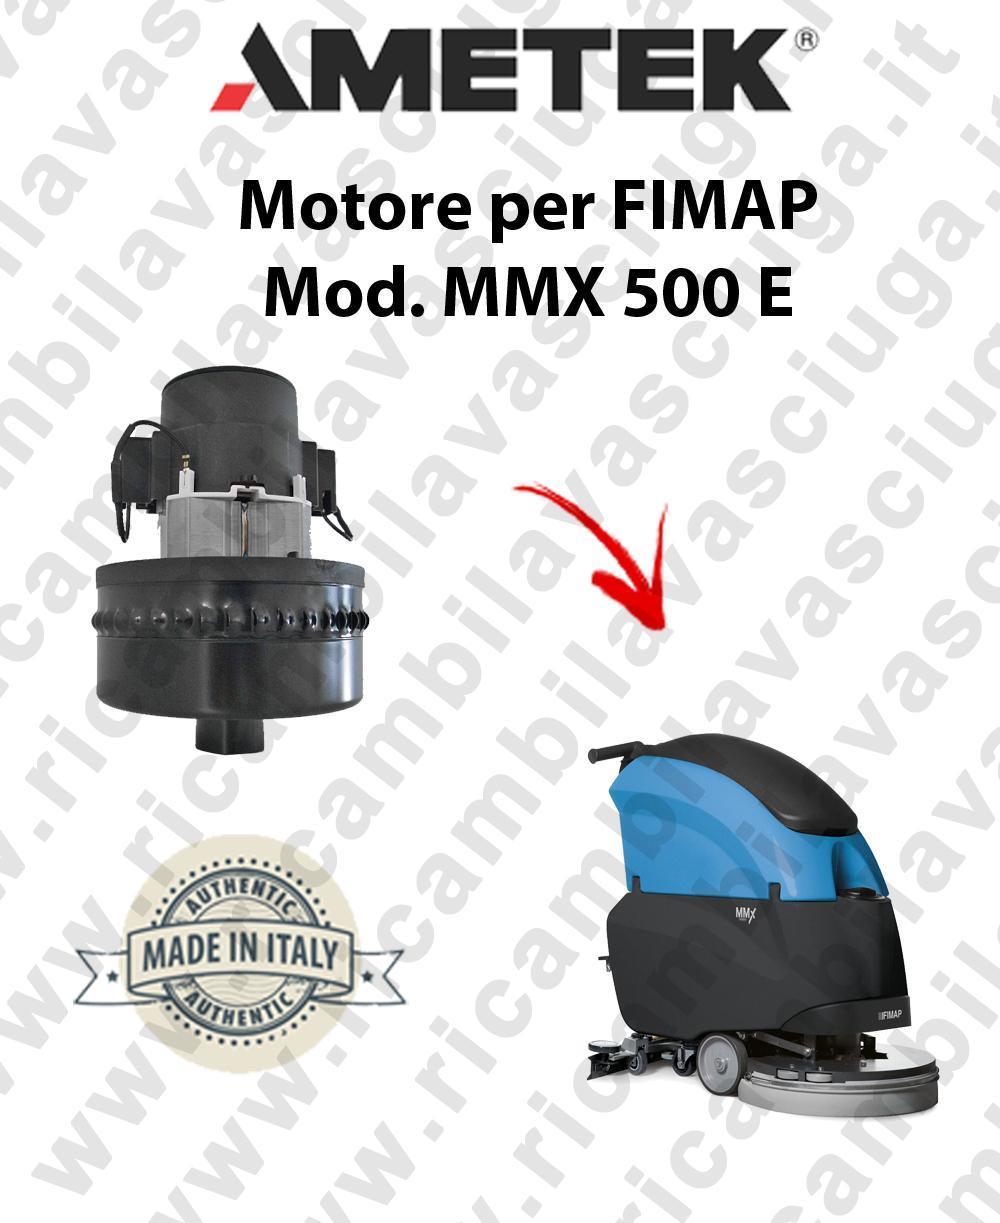 MMX 500 E moteur aspiration AMETEK autolaveuses FIMAP